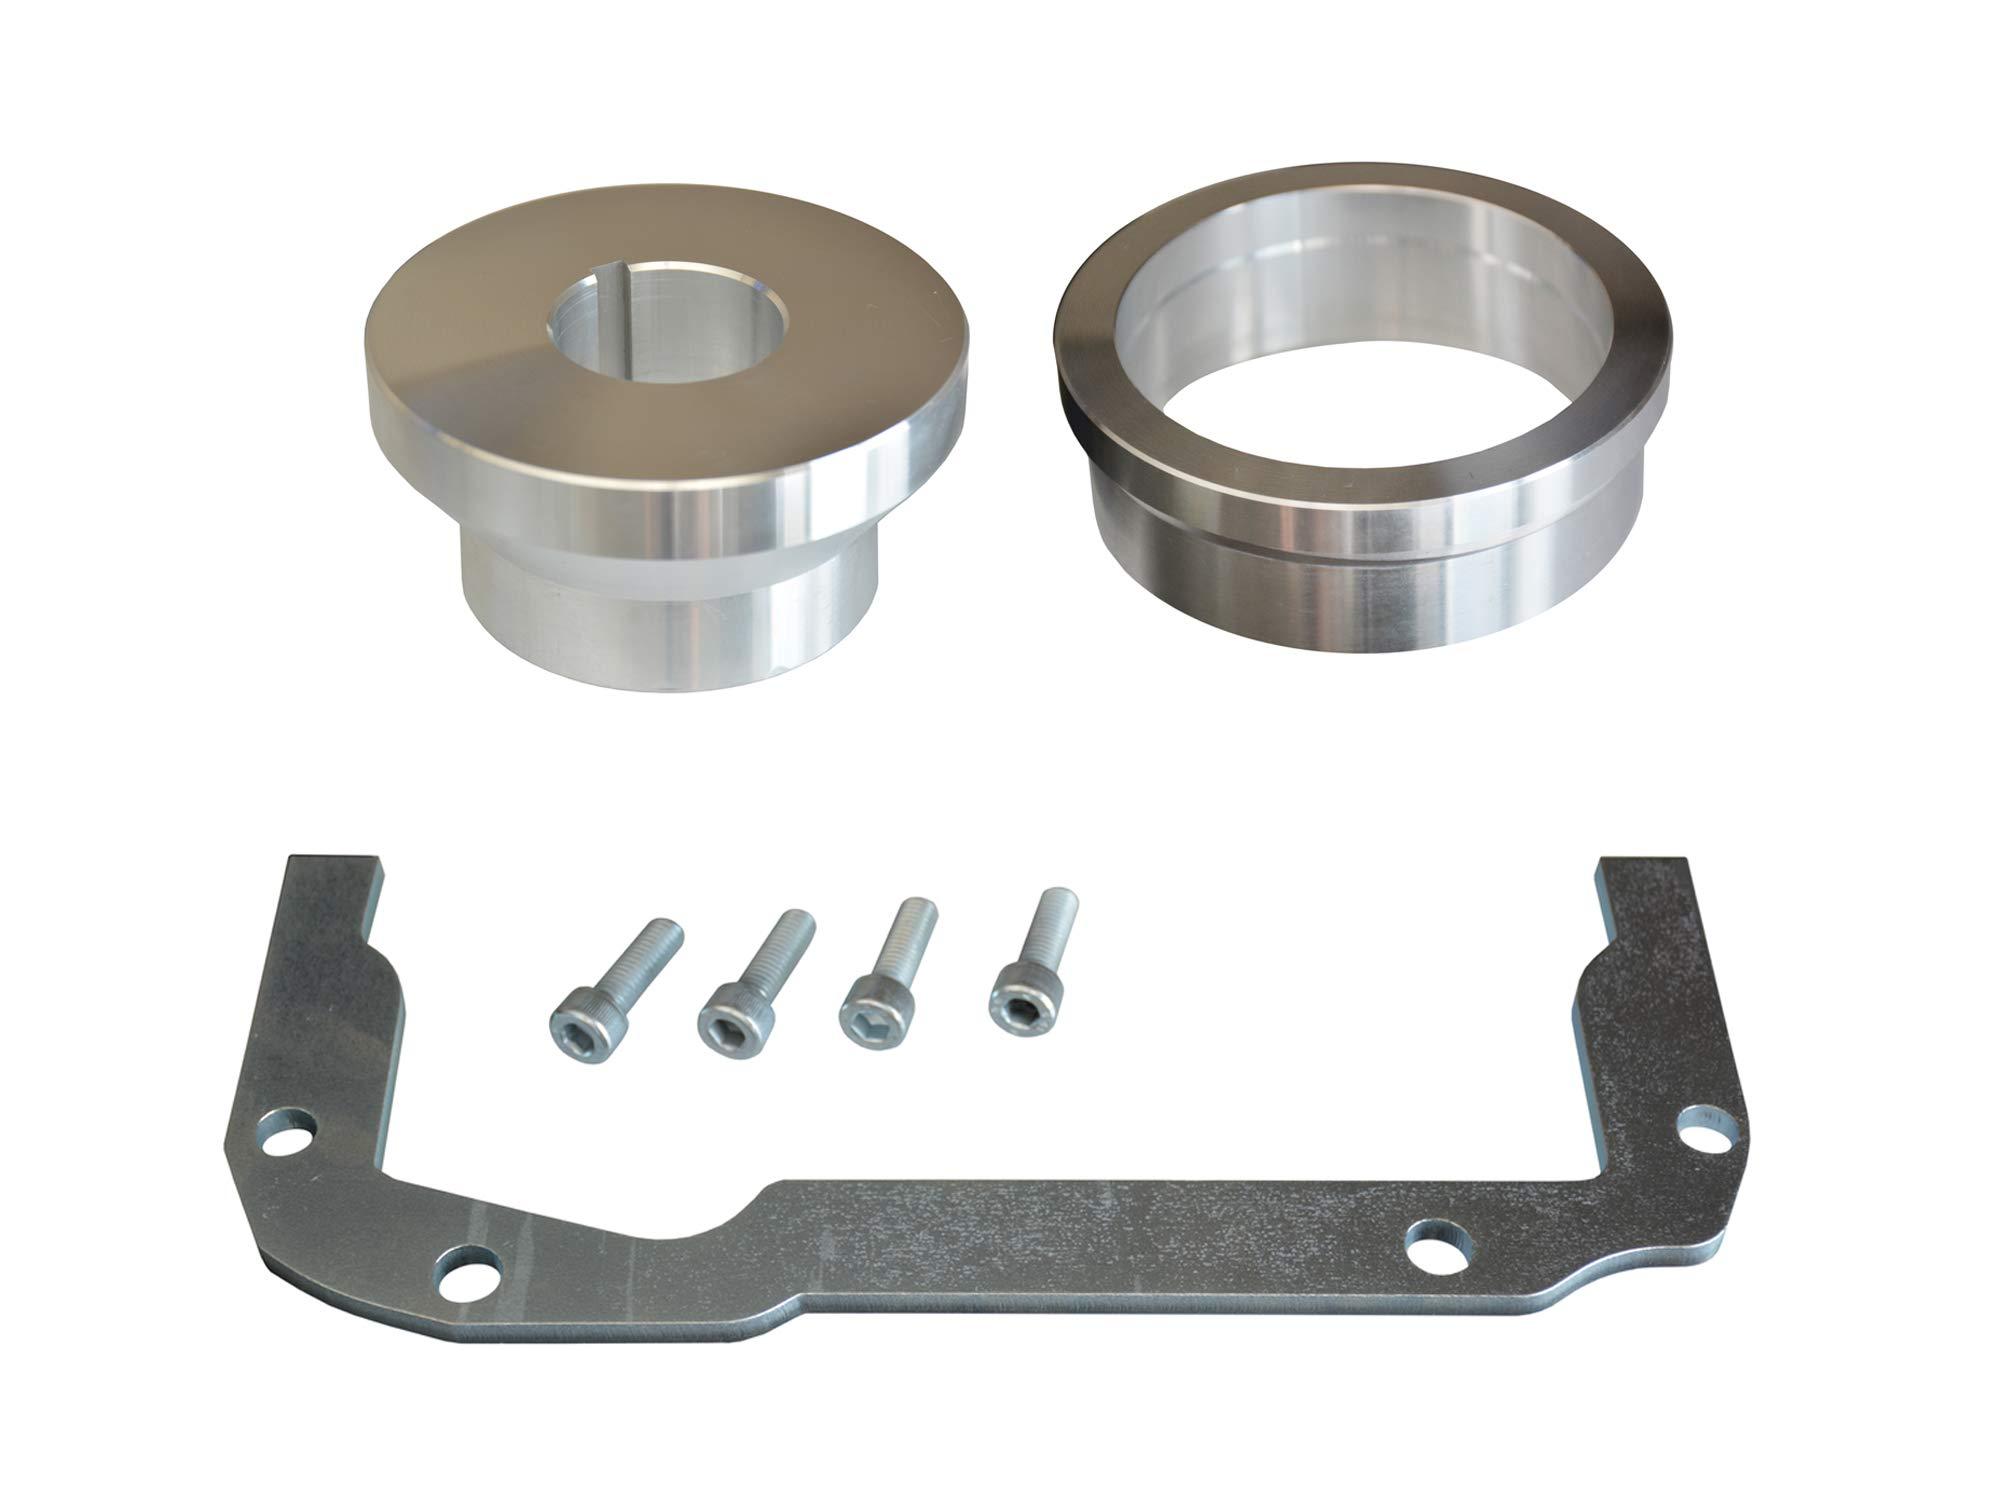 TeddyTT 5046 Crankshaft Wear Sleeve Install Tool Kit Compatible with Cummins 3.9L 5.9L /& 6.7L Engines